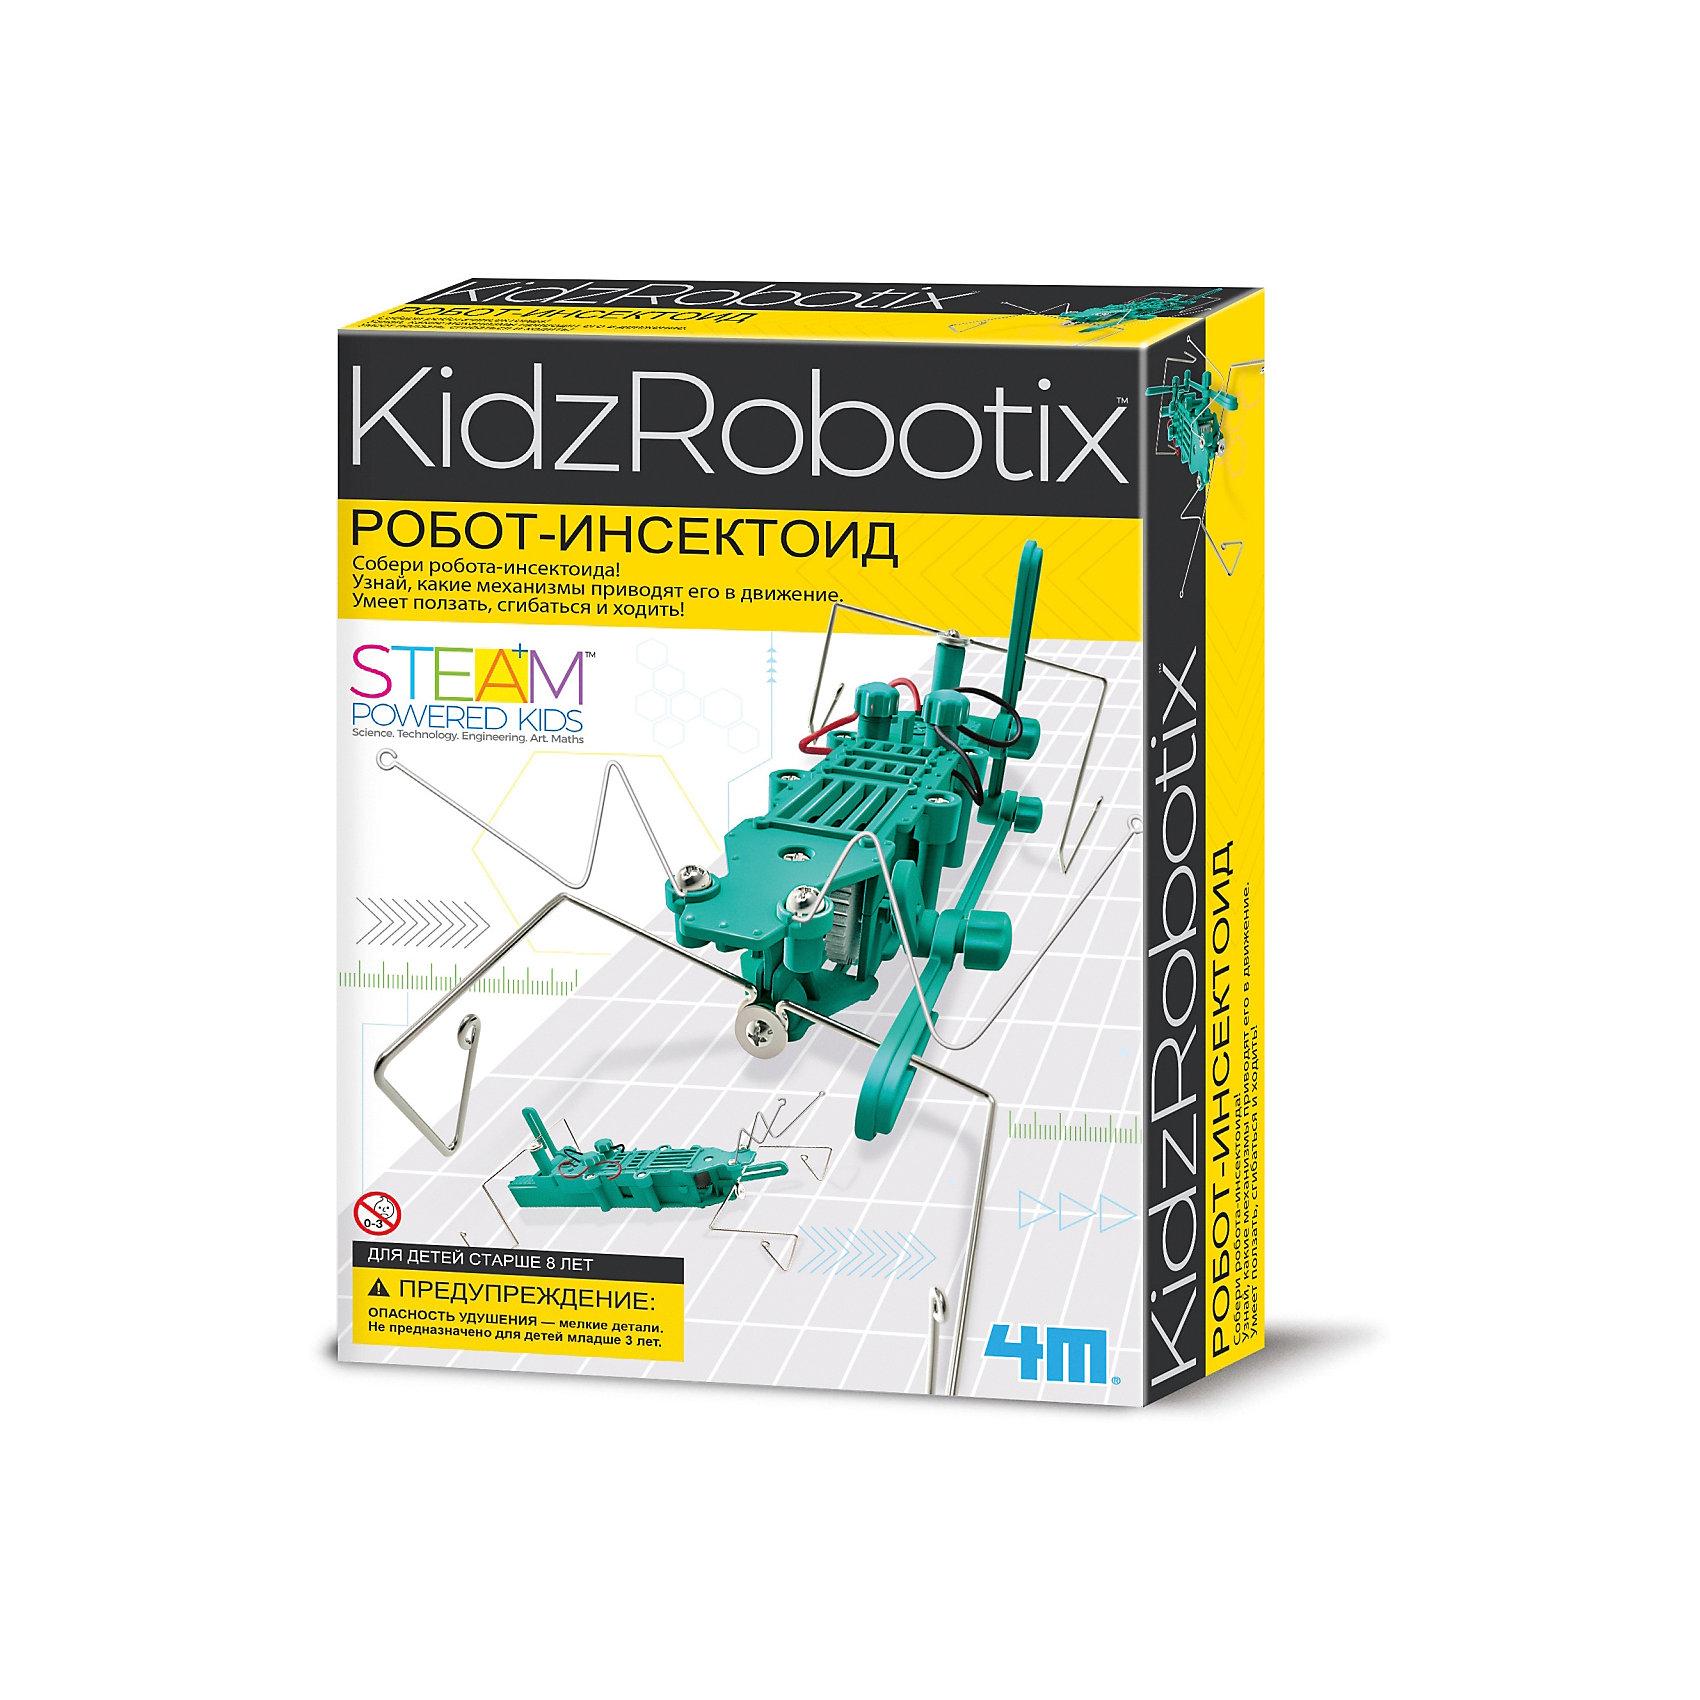 Робот инсектоид, 4MРобот инсектоид, 4M - набор поможет юному исследователю сконструировать робота-сверчка, который делает удивительные трюки.<br>Соберите этого несложного робота-сверчка! Разберитесь в его механизме. Он ползает, крутится и бегает! Набор развивает интеллектуальные и творческие способности ребенка, стимулирует воображение и интерес к науке. Абсолютно безопасен, тщательно протестирован и соответствует европейским стандартам.<br><br>Дополнительная информация:<br><br>- В наборе: большие и малые шестеренки; терминалы; двигатели; мотор с шестерней; отсек для батареек; провода; тельце; крылышки; лапки; 2 антенны; шайбы; гайки; болты; винты; инструкция<br>- Длина робота вместе с антеннами-усами: 28 см.<br>- Батарейки: 1 типа ААА (в комплект не входят)<br>- Материал: металл, пластмасса<br>- Дополнительно потребуется: крестовая отвертка<br>- Размер упаковки: 17 х 24 х 6 см.<br>- Вес: 236 гр.<br><br>Набор Робот инсектоид, 4M можно купить в нашем интернет-магазине.<br><br>Ширина мм: 170<br>Глубина мм: 240<br>Высота мм: 60<br>Вес г: 236<br>Возраст от месяцев: 96<br>Возраст до месяцев: 144<br>Пол: Унисекс<br>Возраст: Детский<br>SKU: 4561226